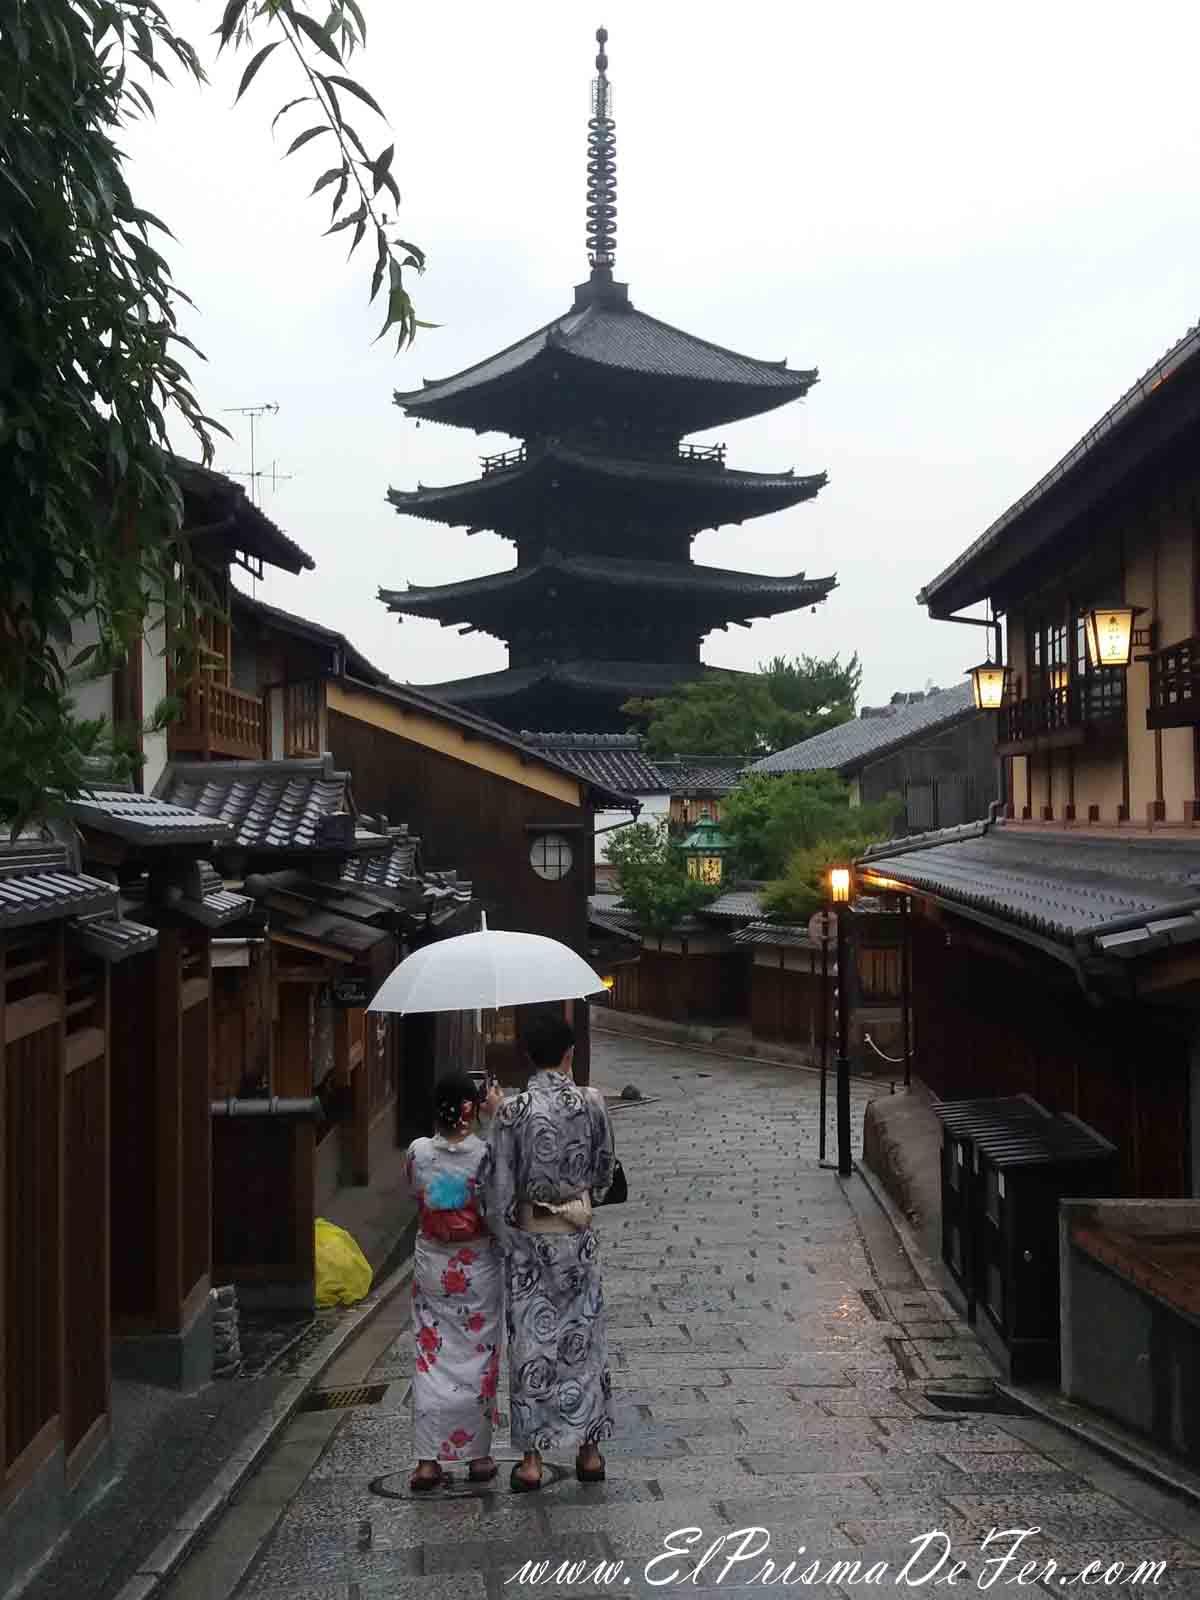 Pagoda en el barrio de Gion, Kyoto